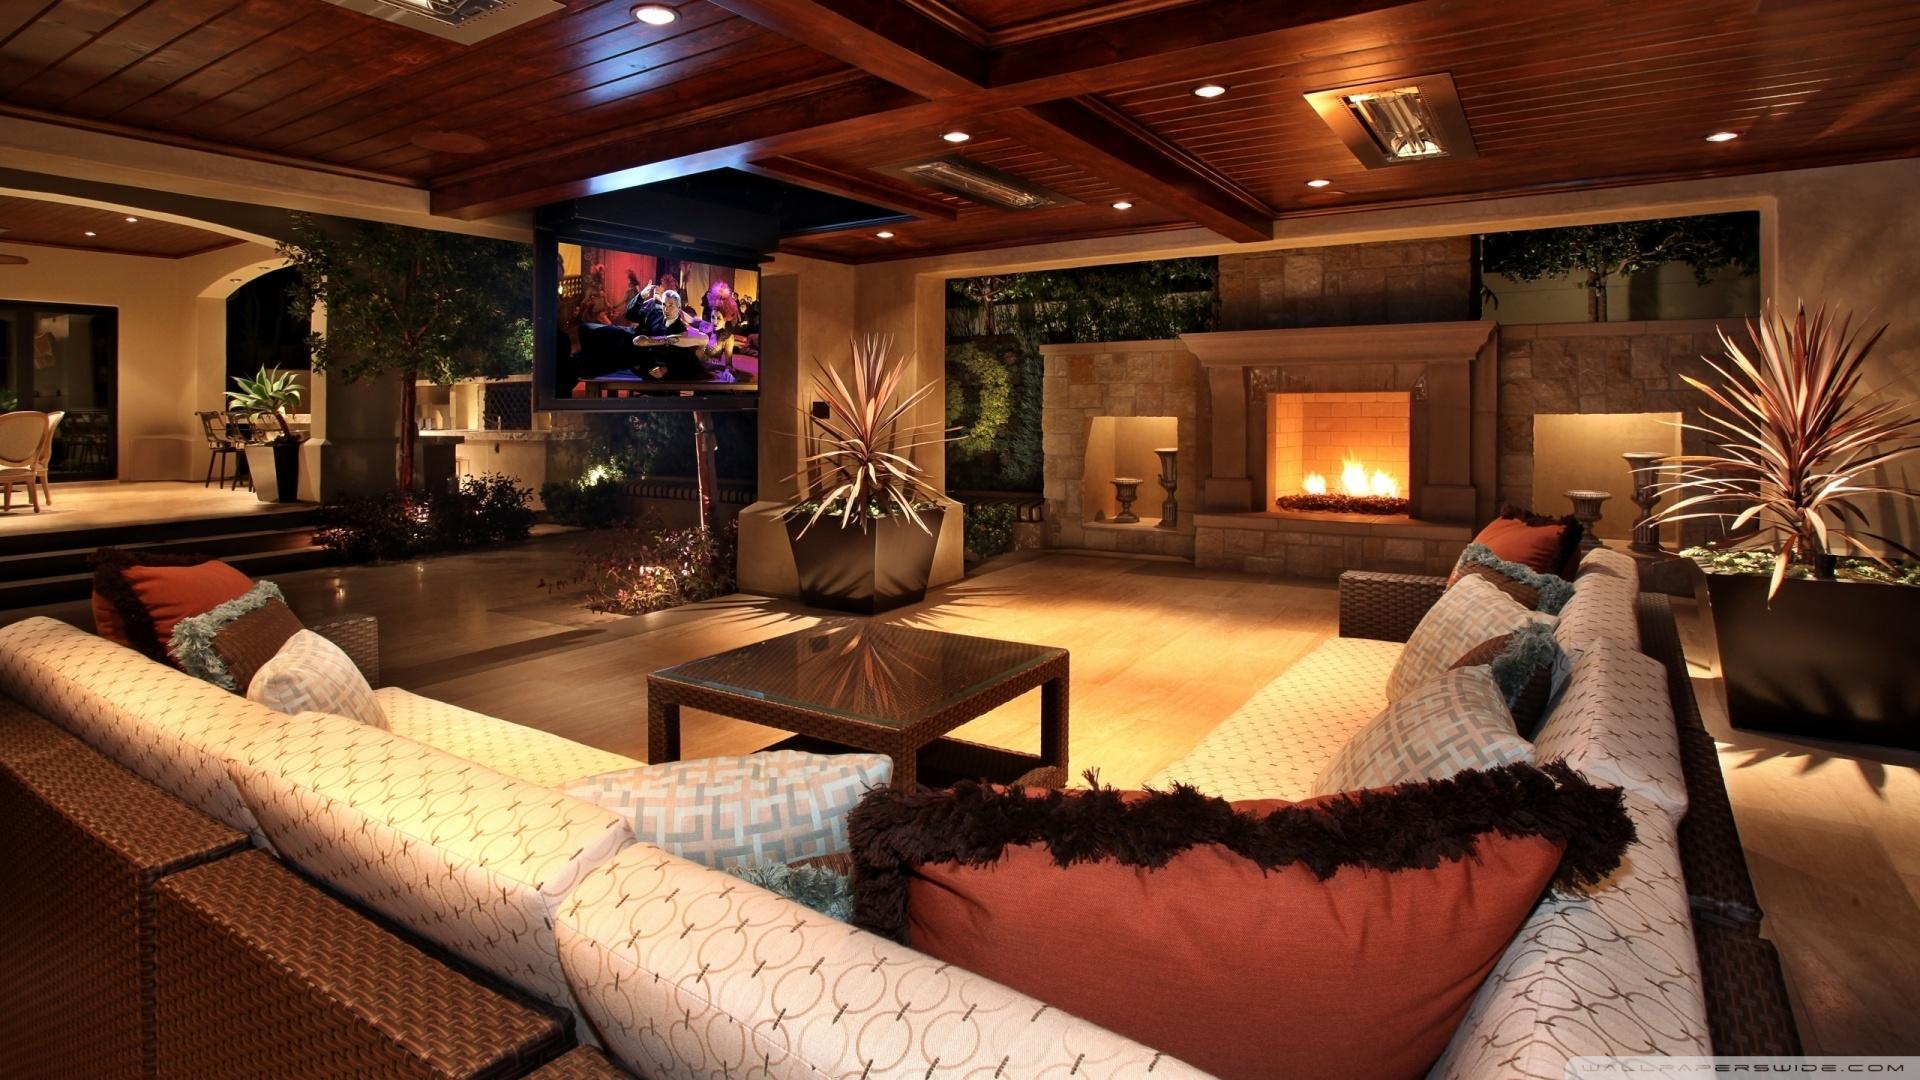 Luxury House Interior 4K HD Desktop Wallpaper for 4K Ultra HD 1920x1080